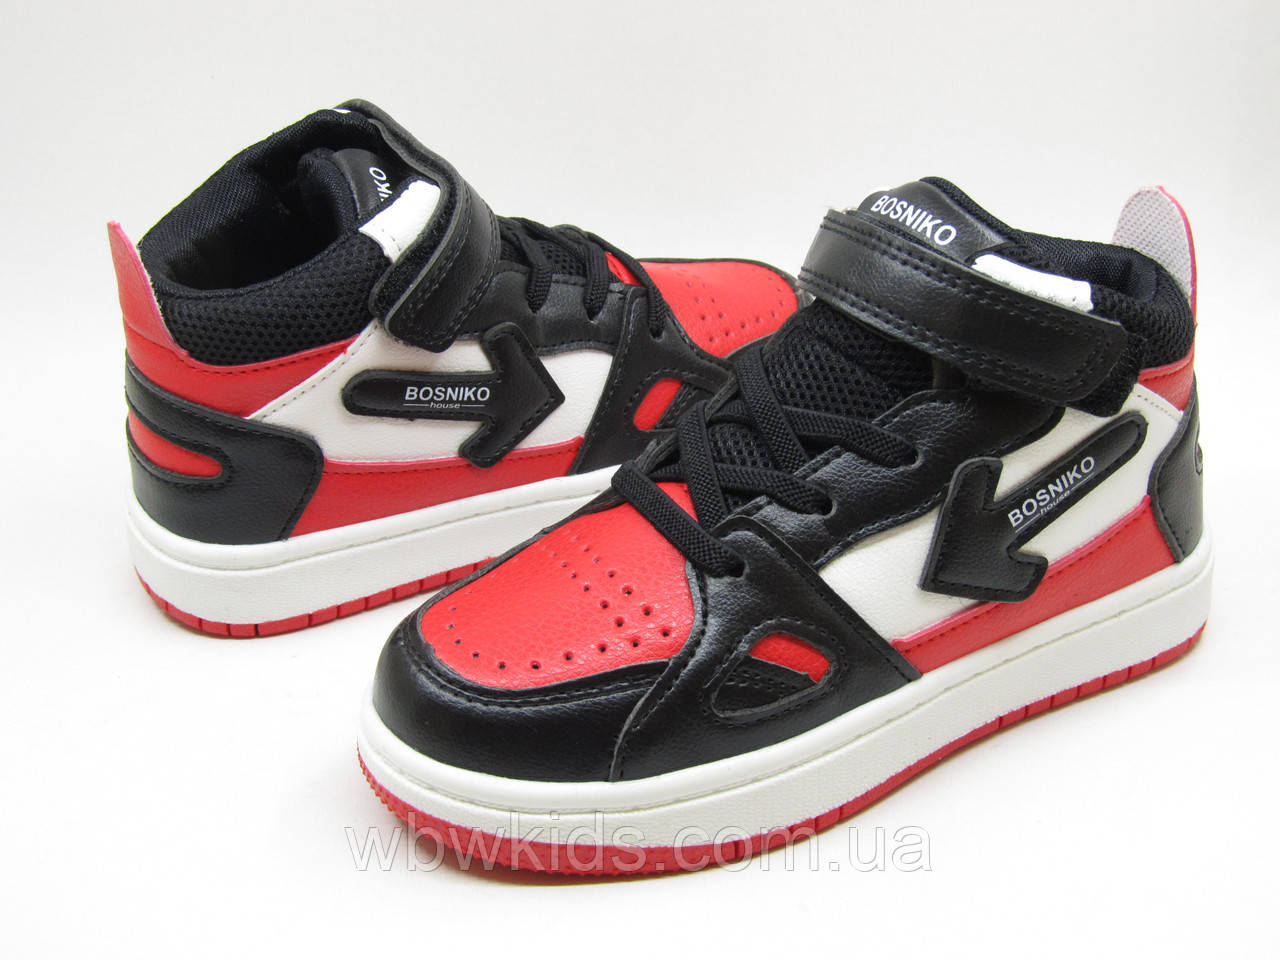 Кроссовки (хайтопы) демисезонные детские W.Niko AG 457-4 черно-красные на мальчика 29